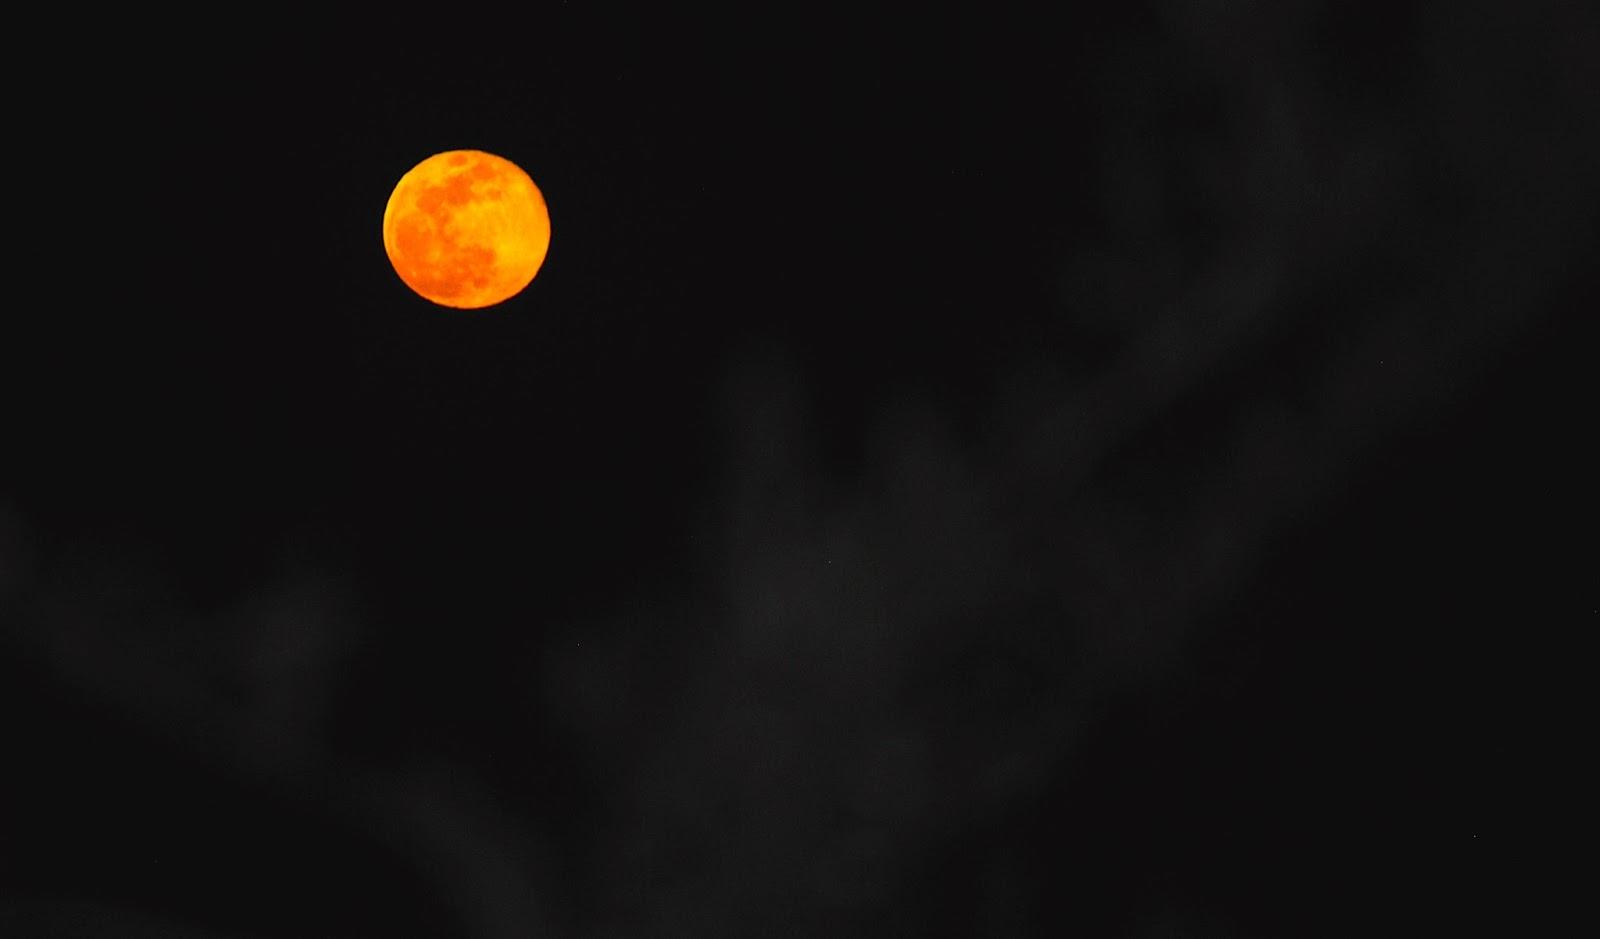 Cebolas do campinho lune rousse un soir d 39 avril 2017 - Date lune rousse 2017 ...